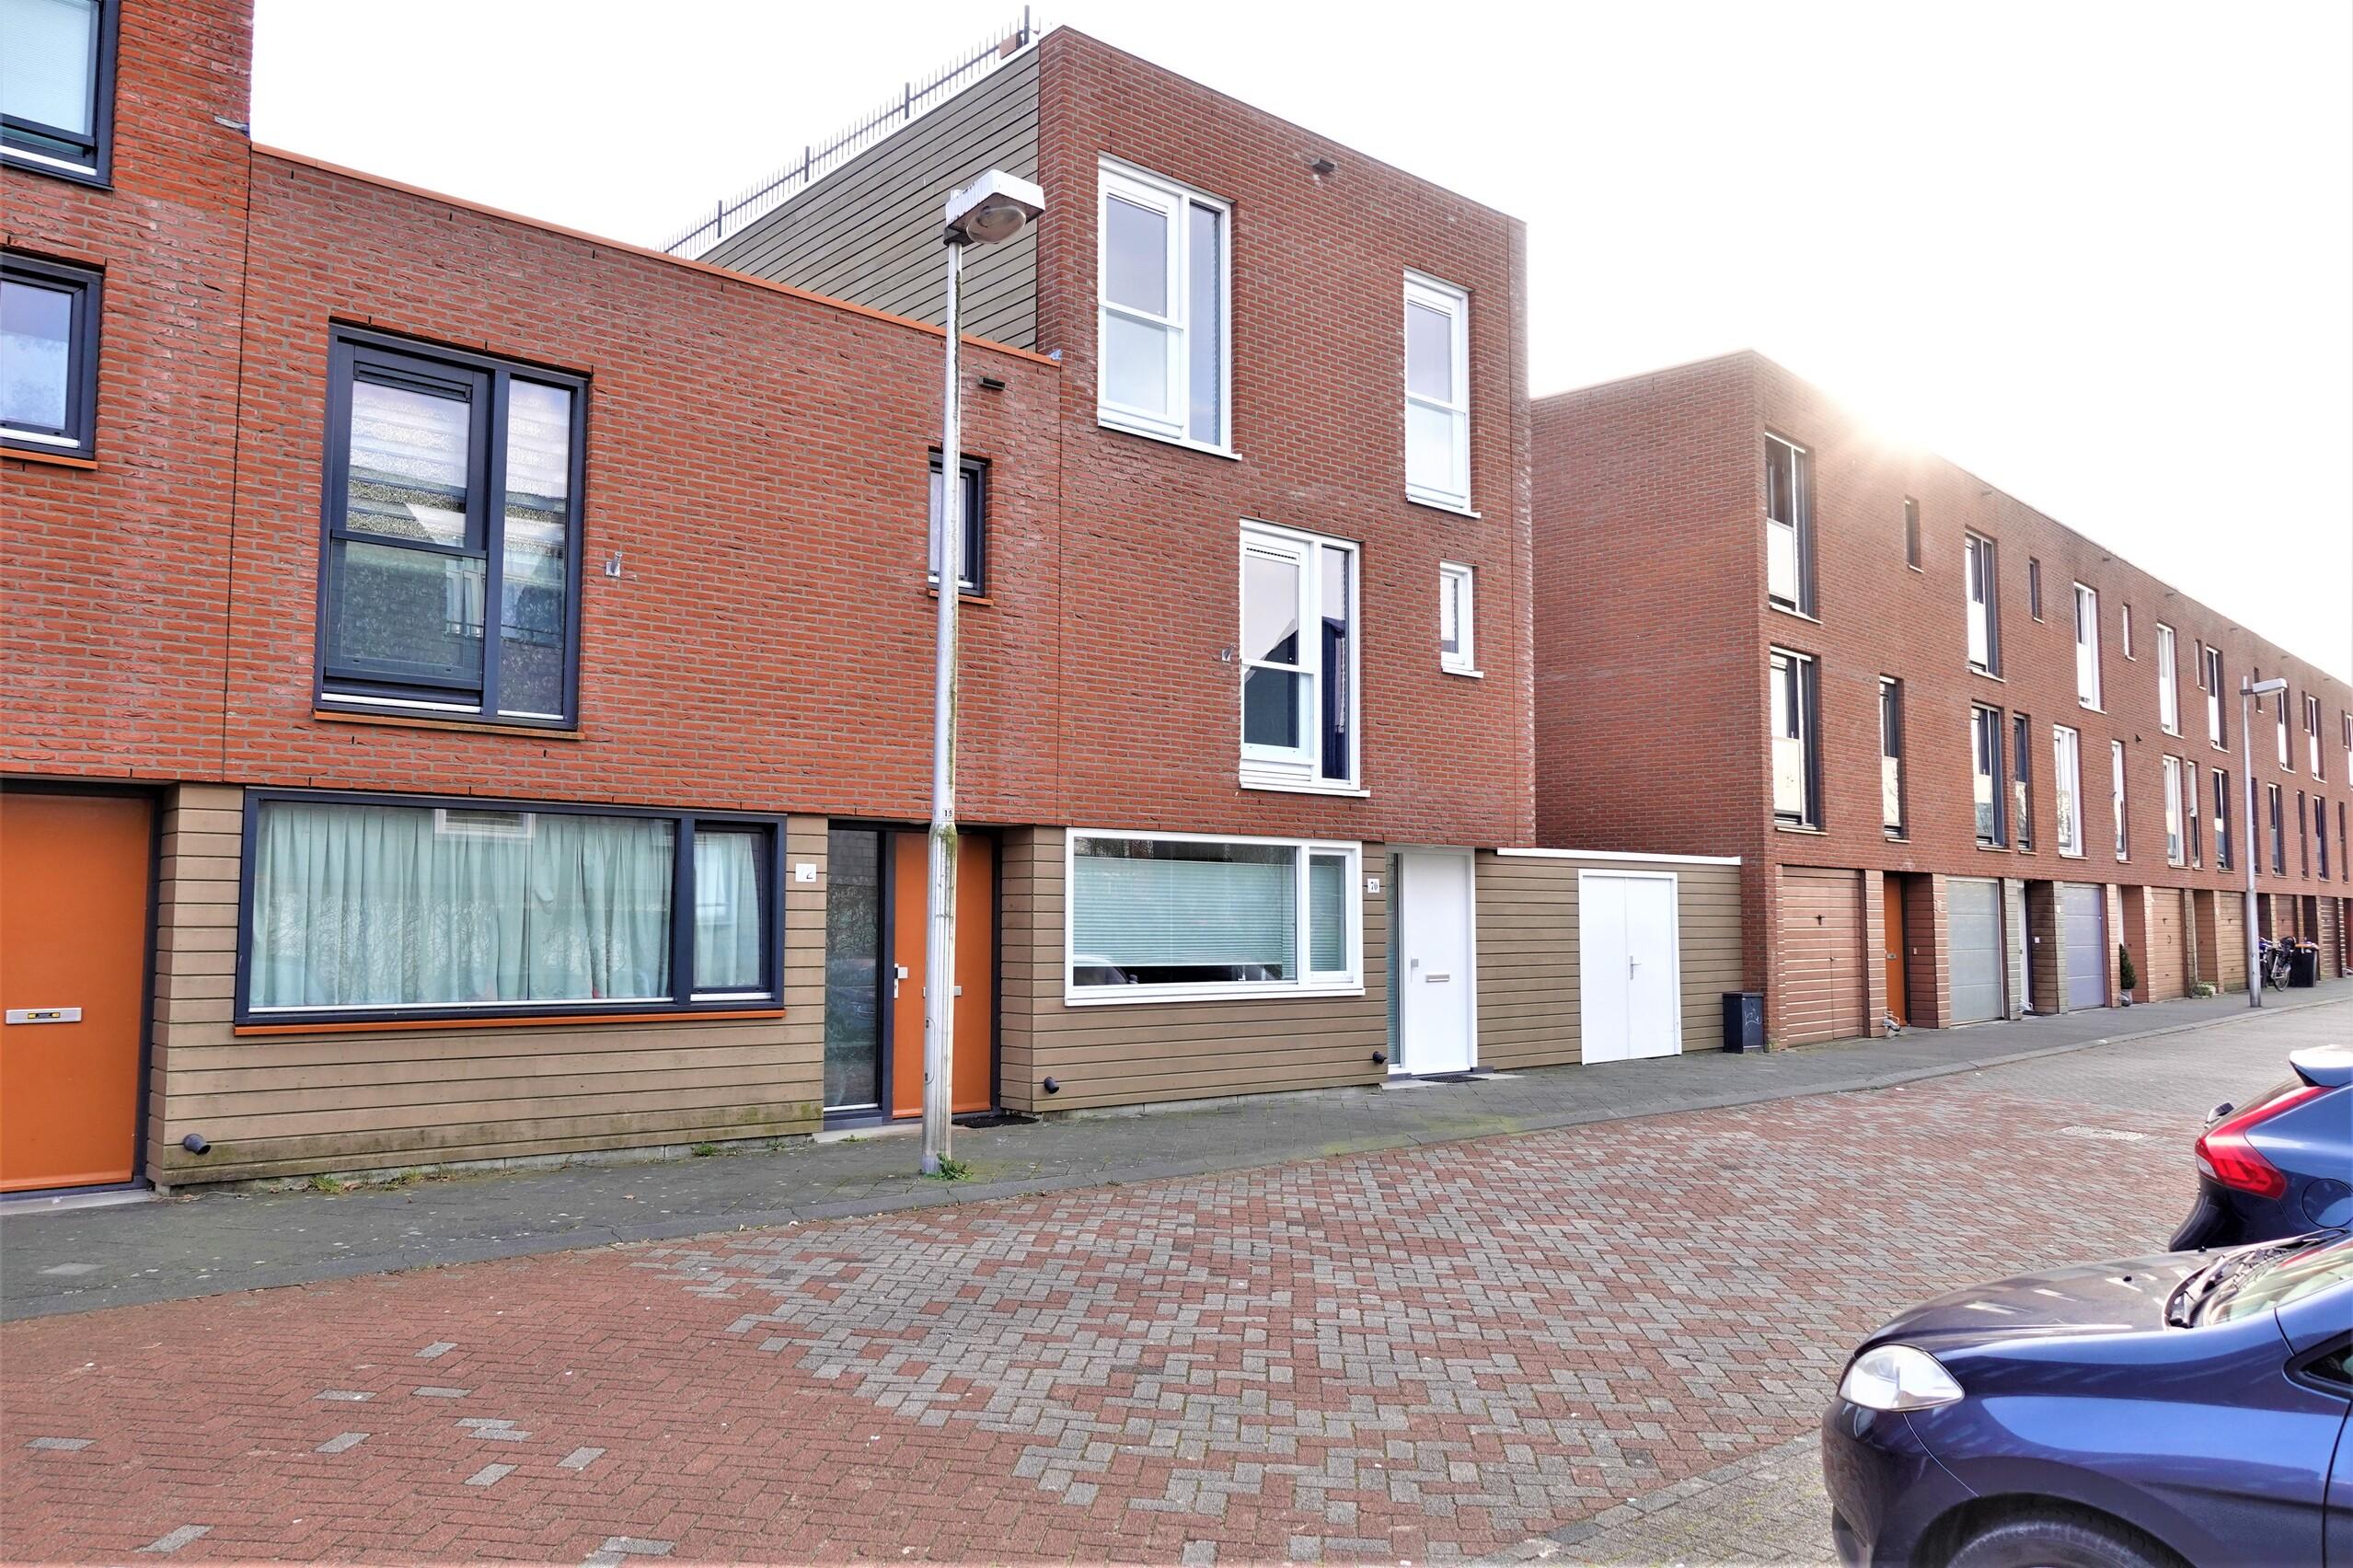 Tjeerdsraklaan 70, Utrecht